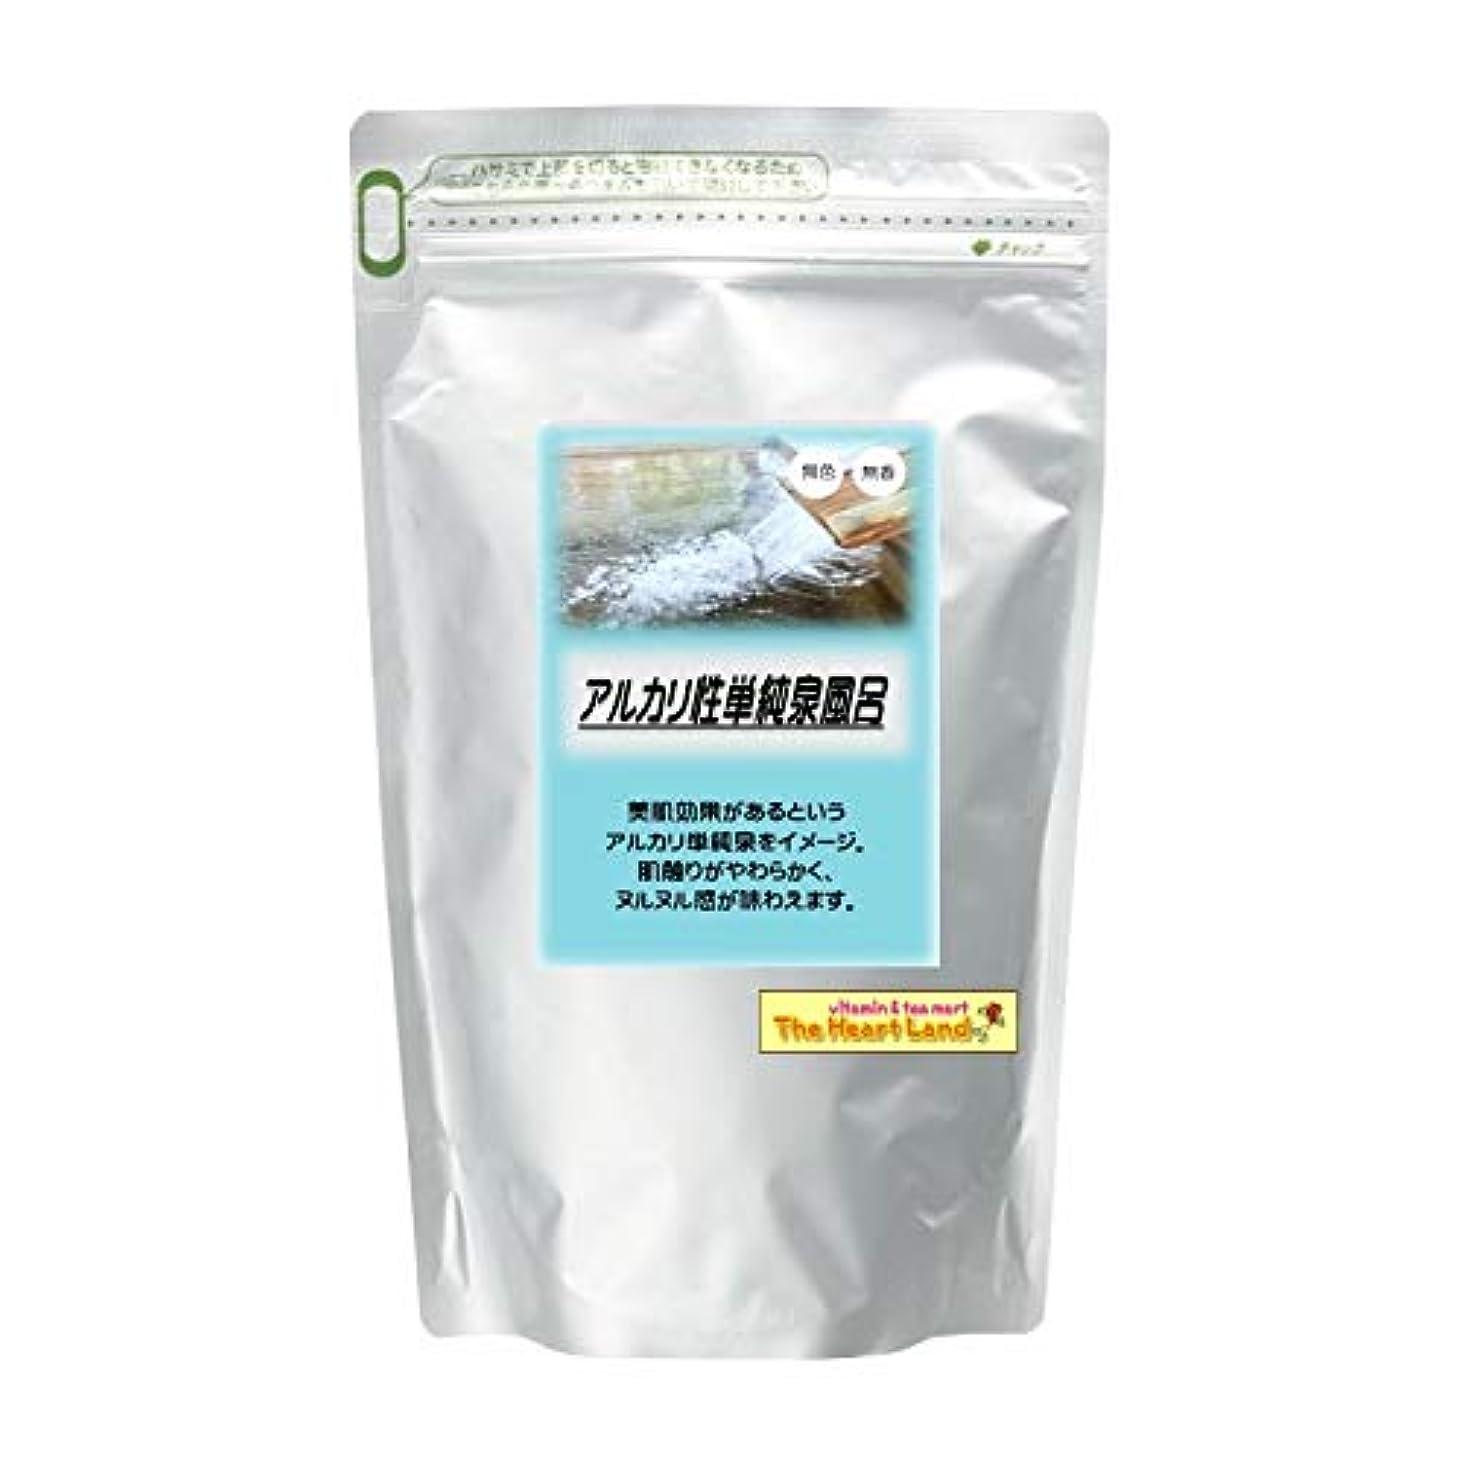 北米キルス振るうアサヒ入浴剤 浴用入浴化粧品 アルカリ性単純泉風呂 2.5kg